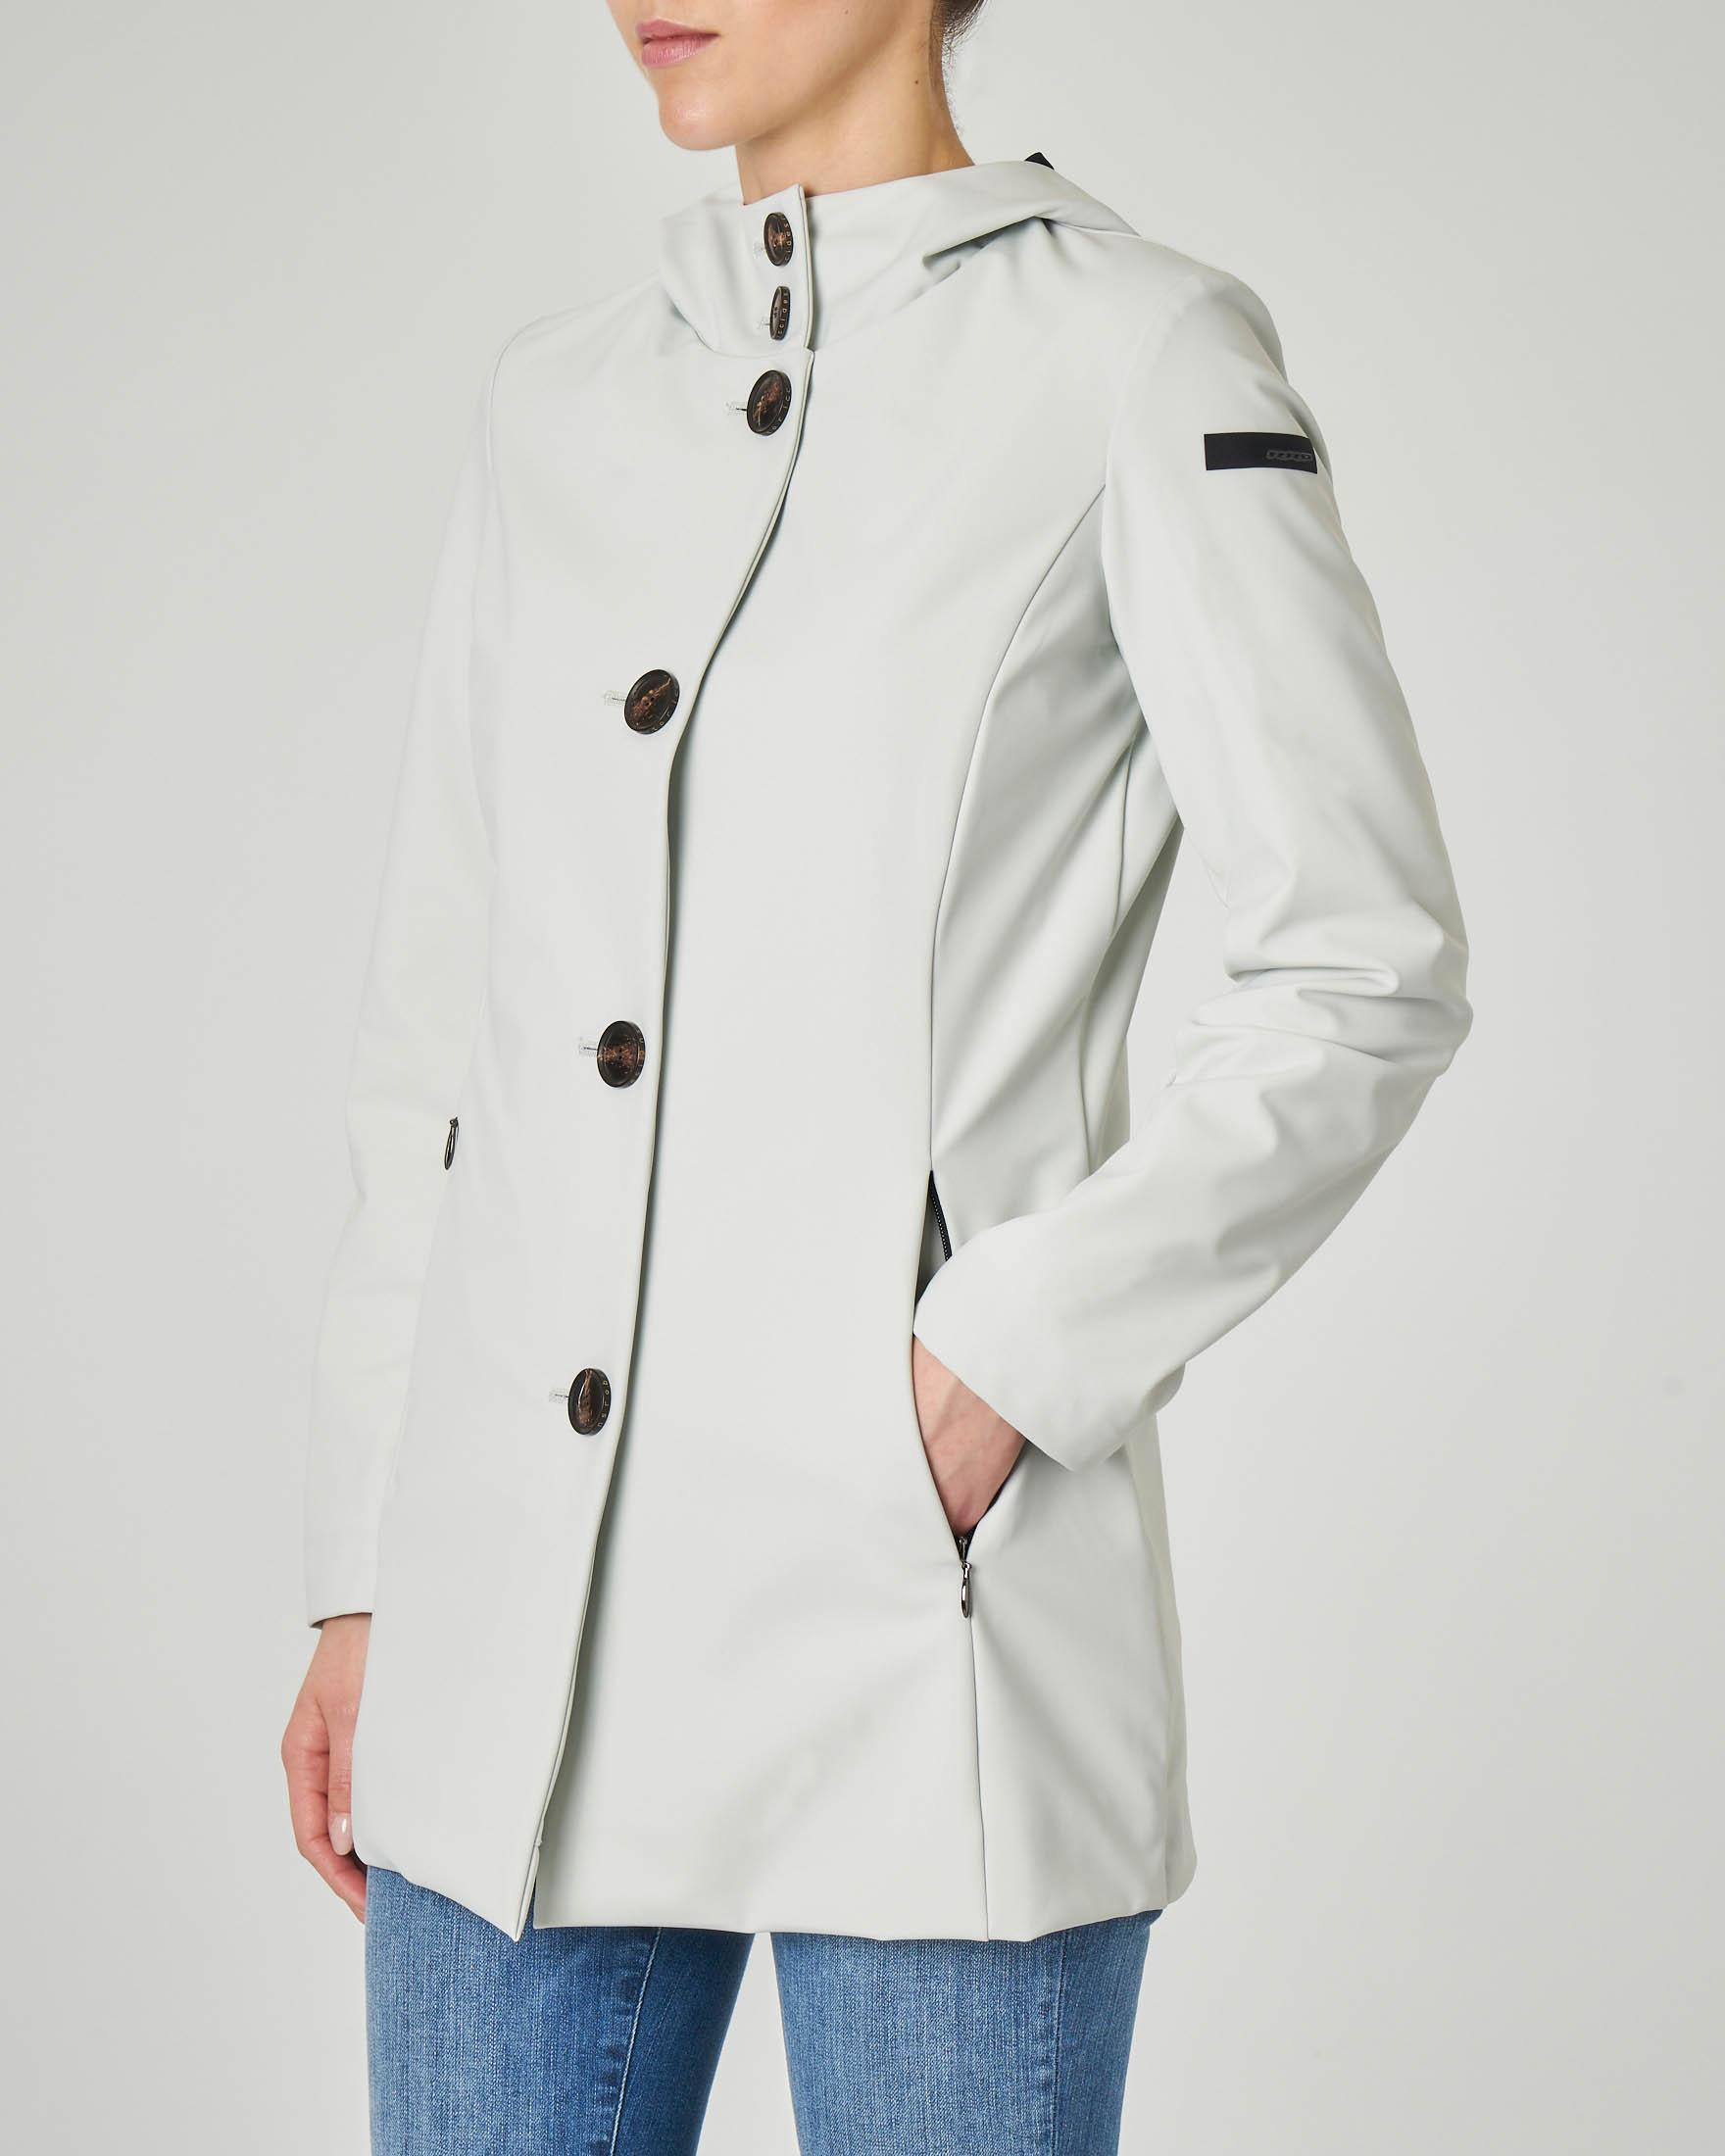 Cappotto sfiancato color gesso tessuto tecnico con cappuccio